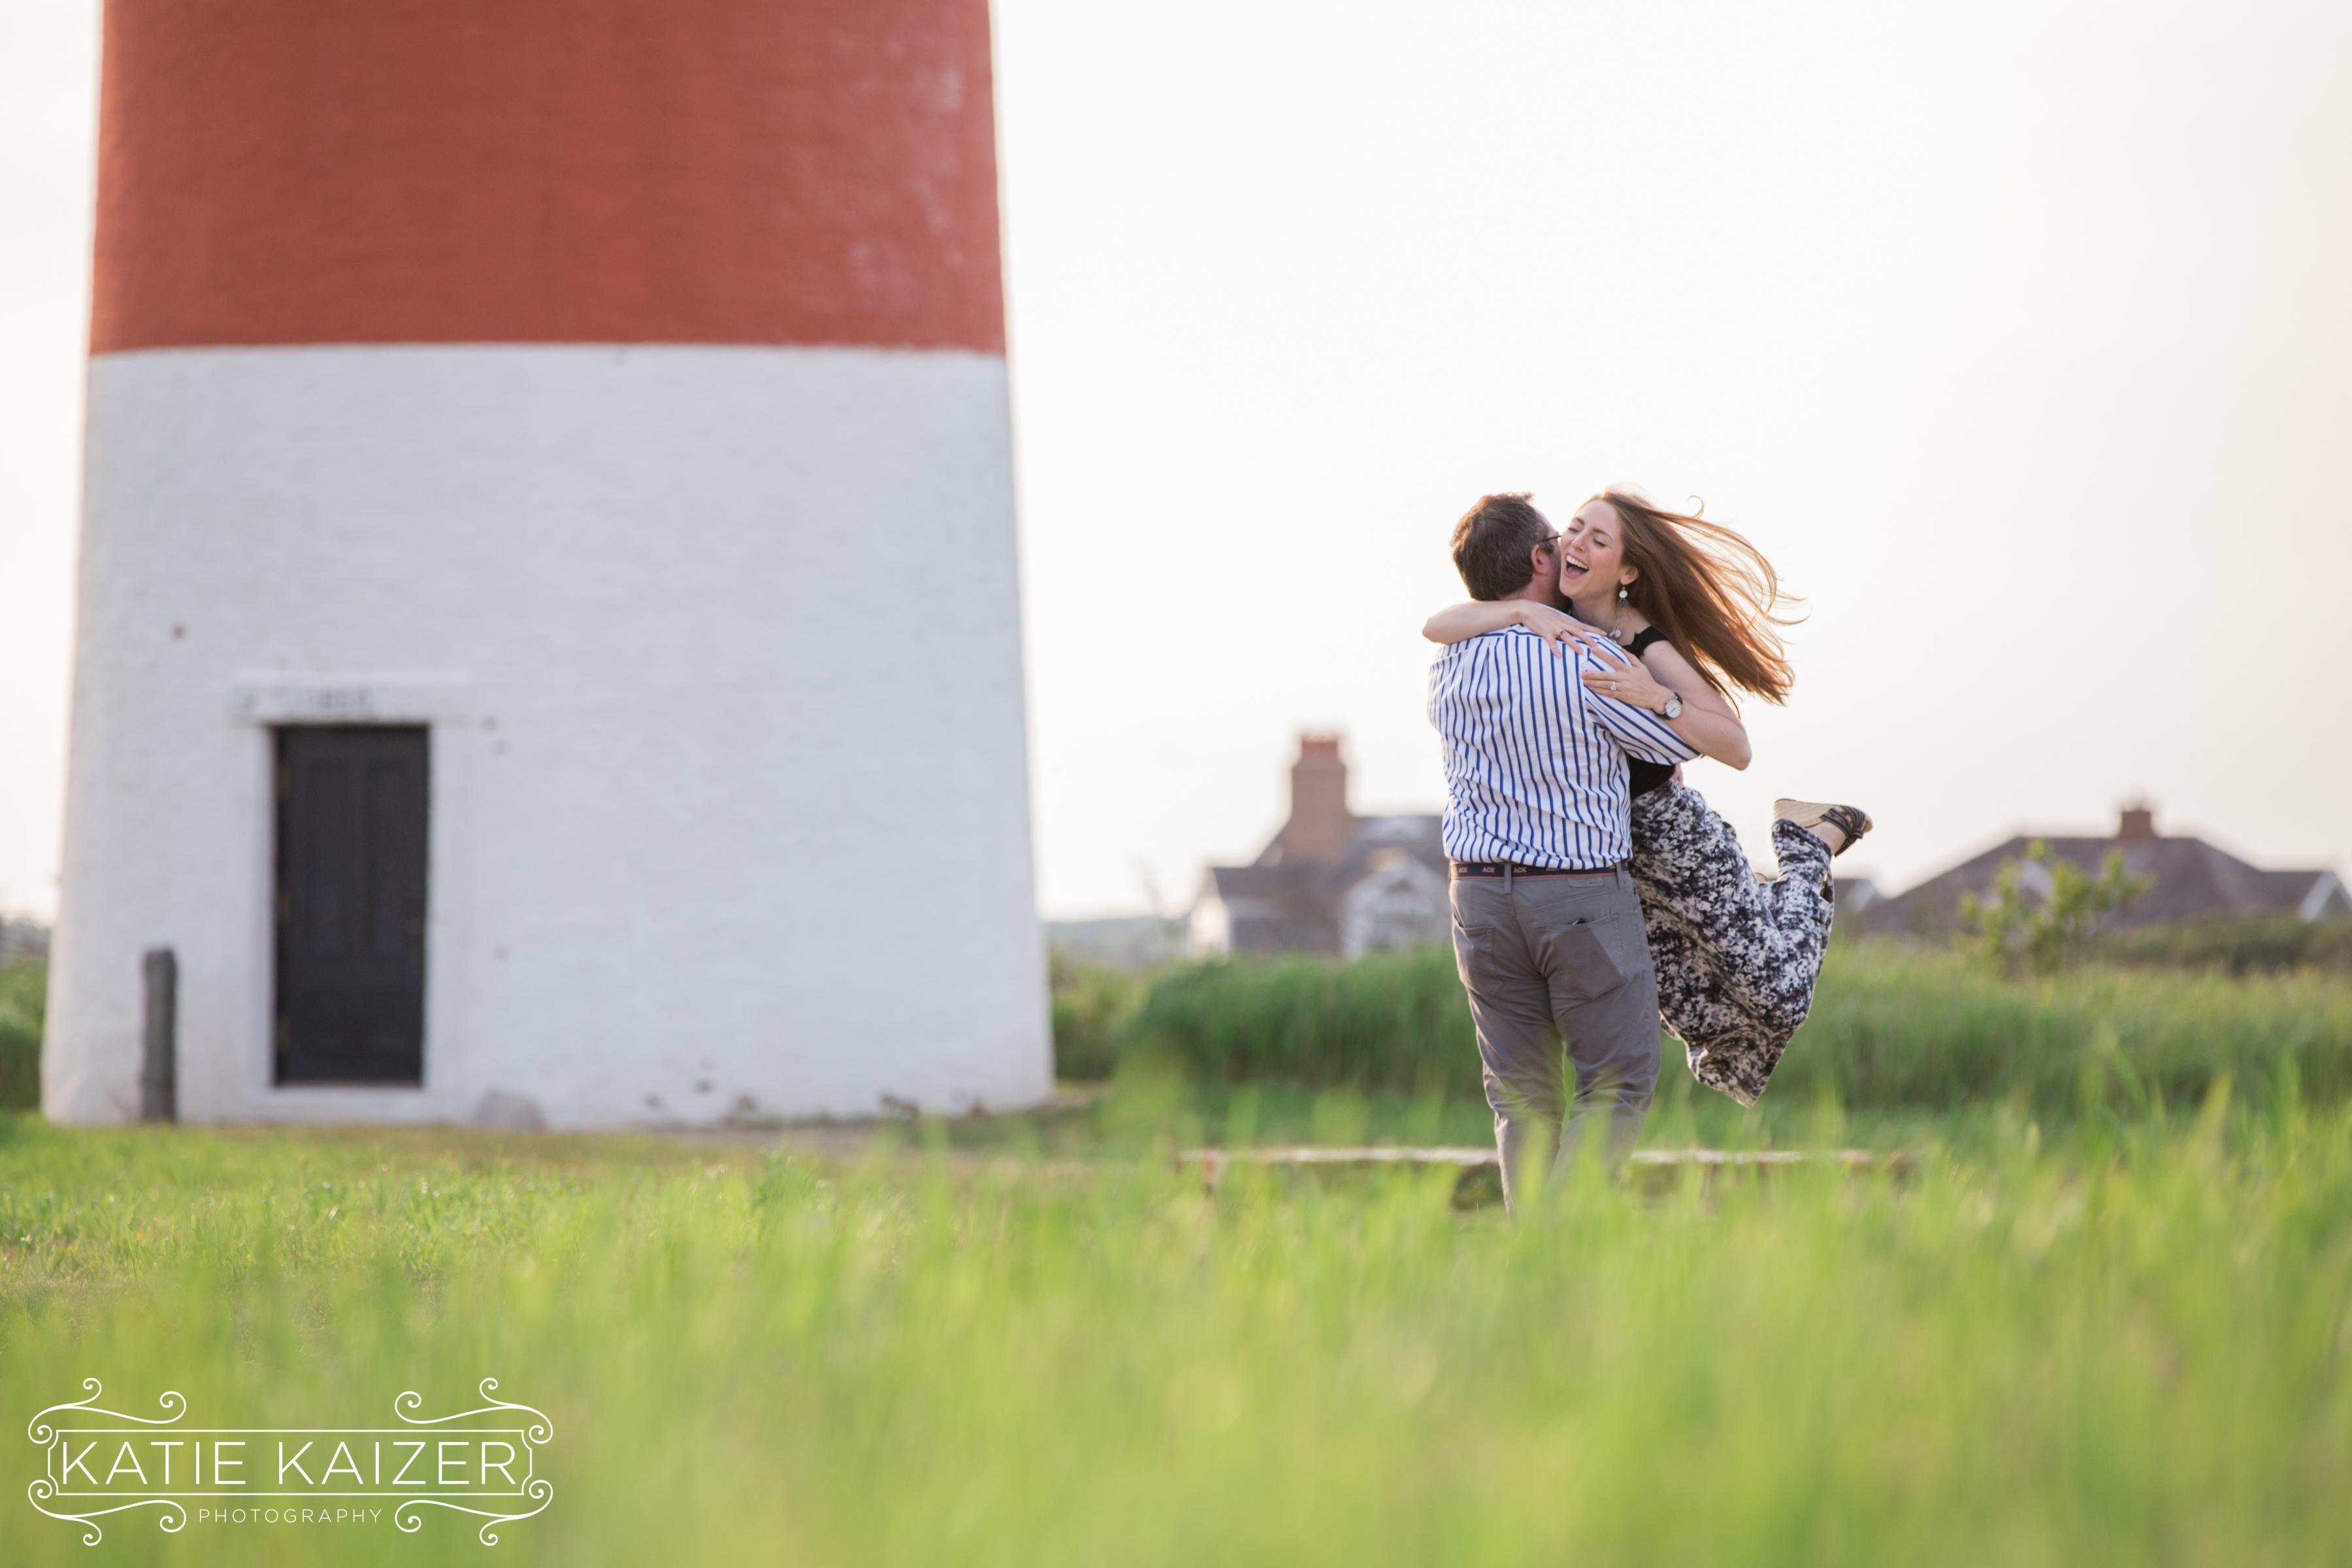 Proposal_002_KatieKaizerPhotography